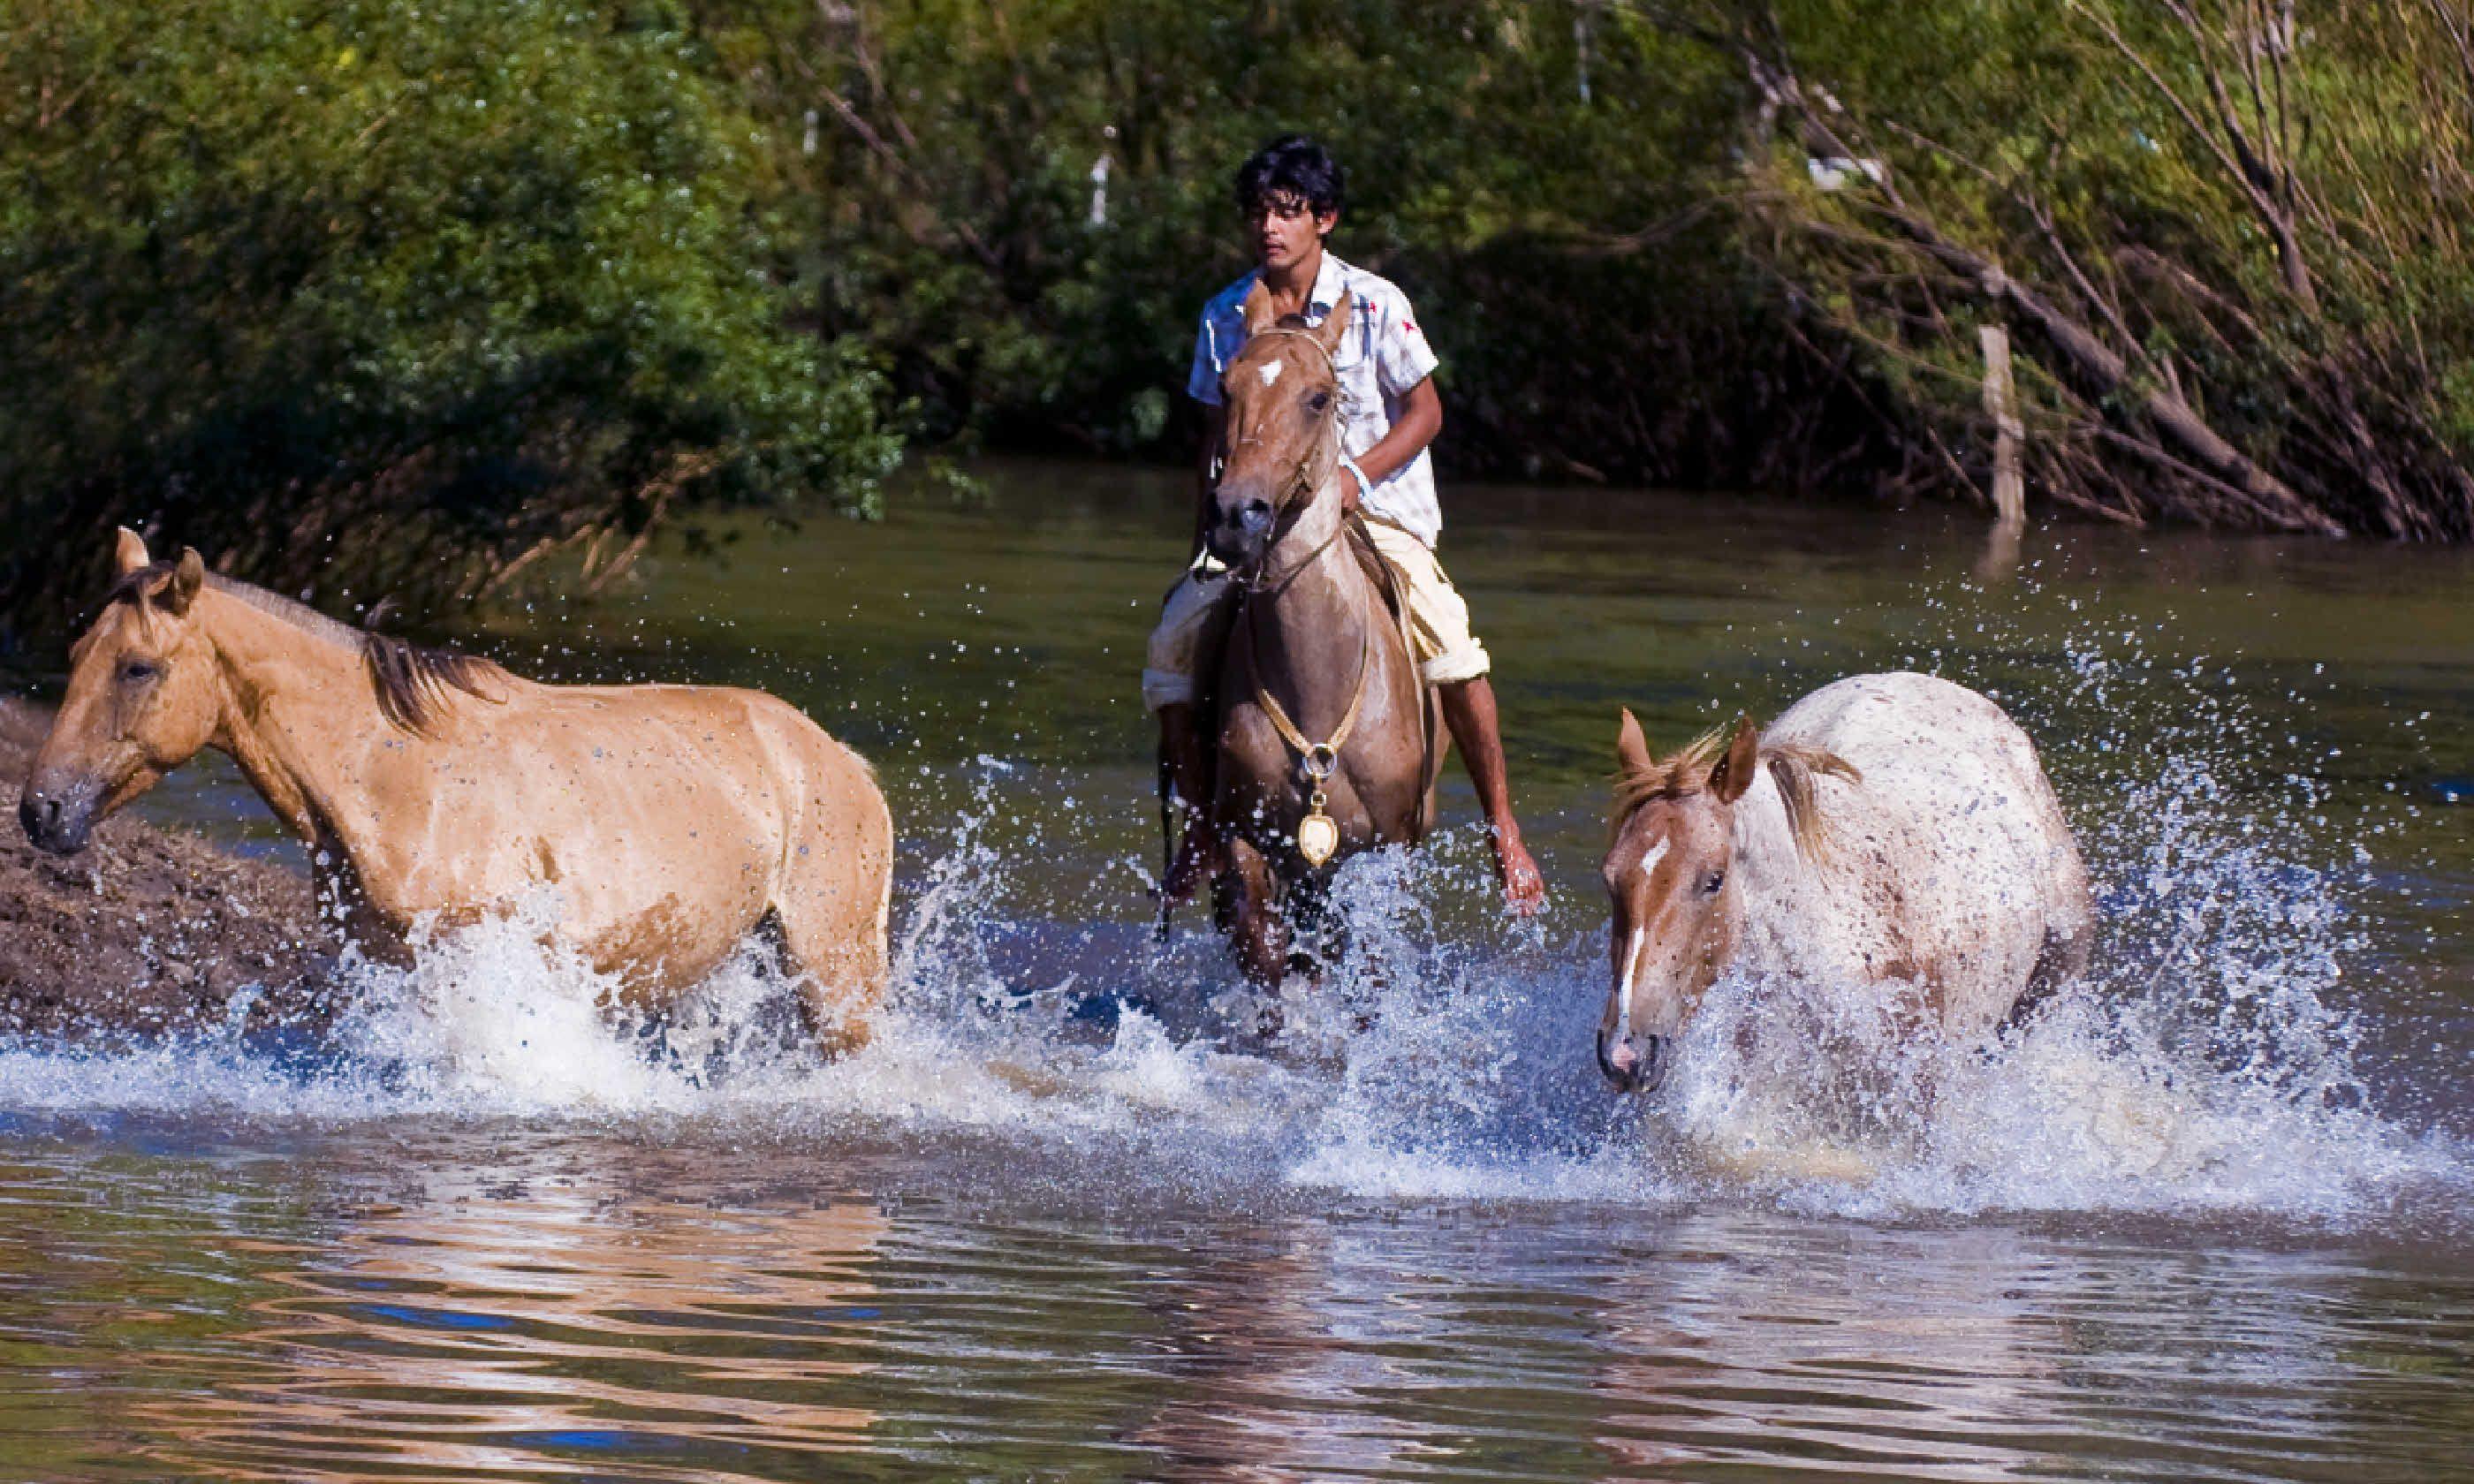 """Participant in the annual festival """"Patria Gaucha"""", Uruguay (Shutterstock)"""